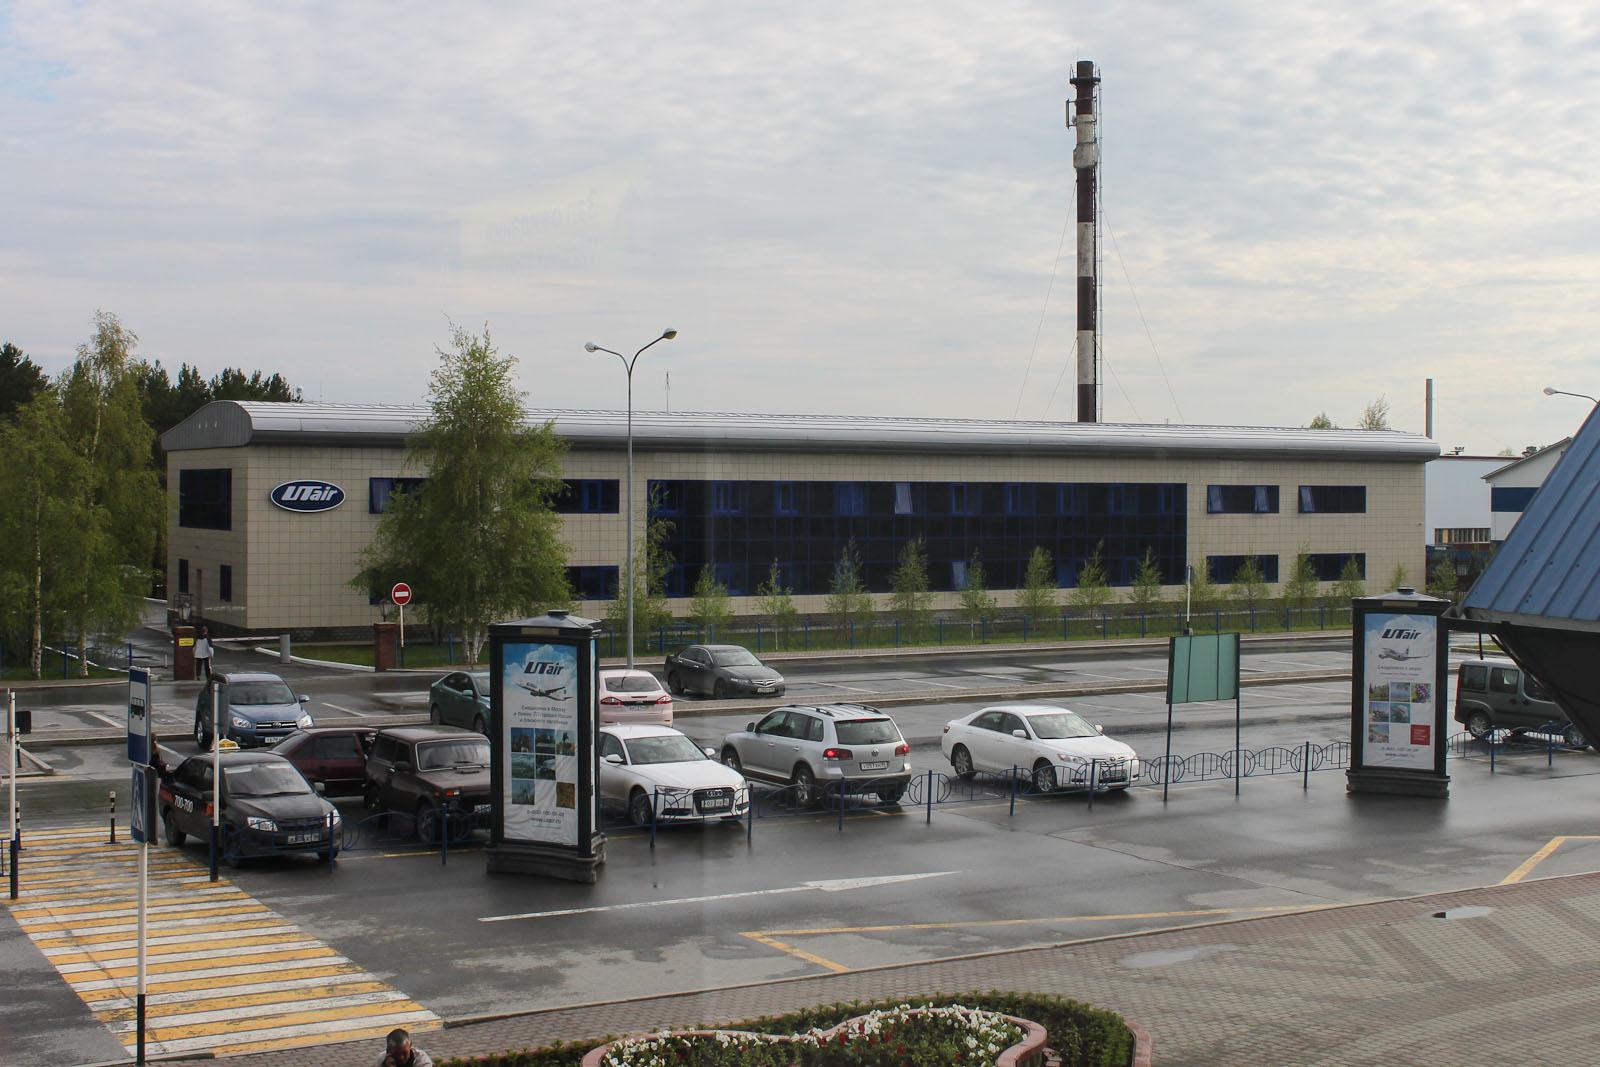 Офис авиакомпании ЮТэйр в аэропорту Сургут